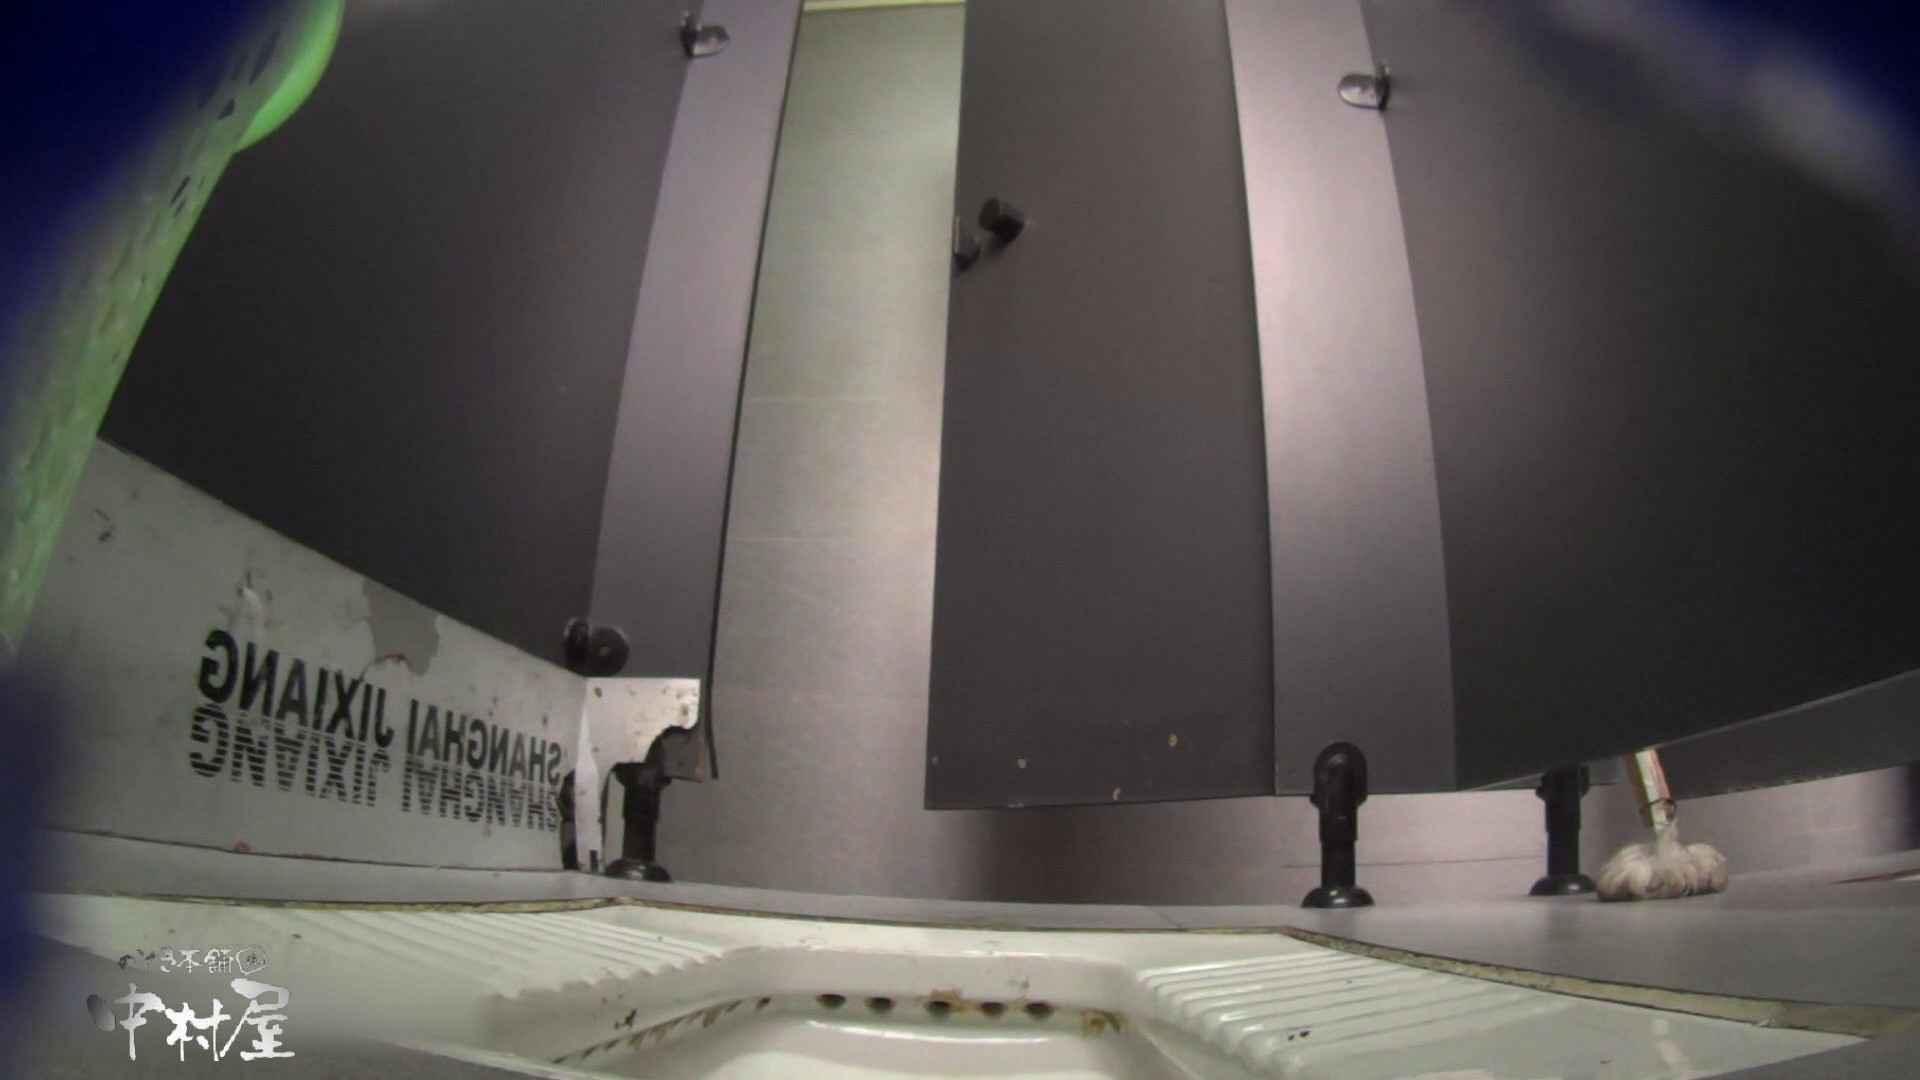 グレースパッツお女市さん 大学休憩時間の洗面所事情31 洗面所 覗きぱこり動画紹介 69画像 10